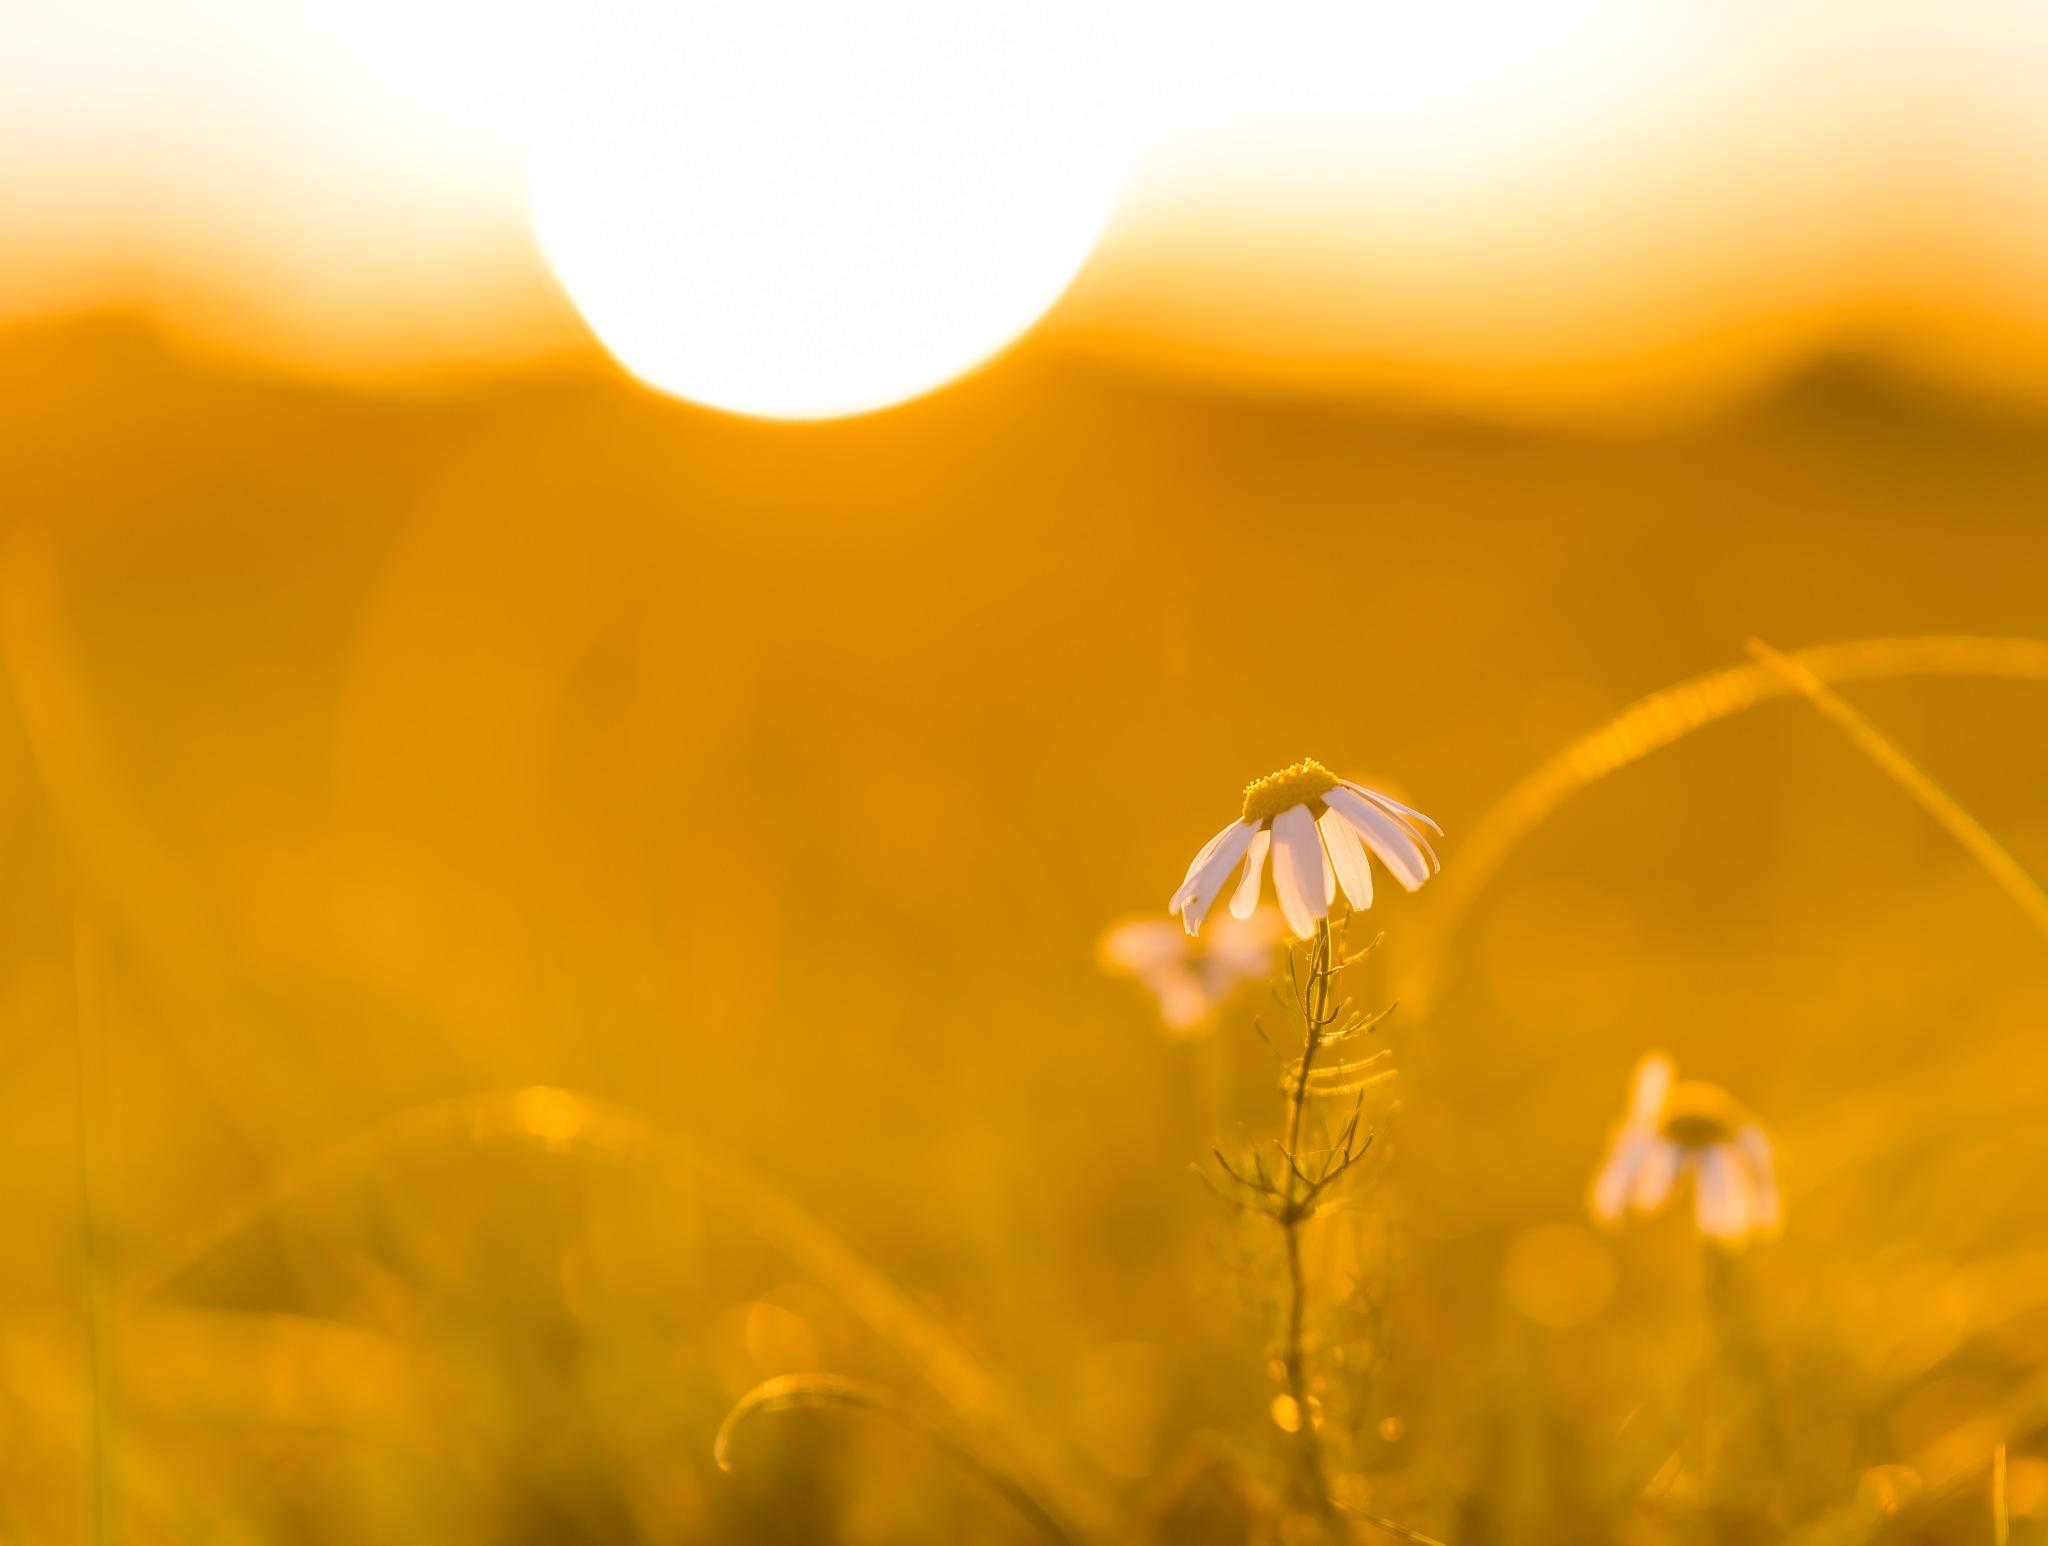 With the sun the flowers set as well by Gilbert de Bruijn